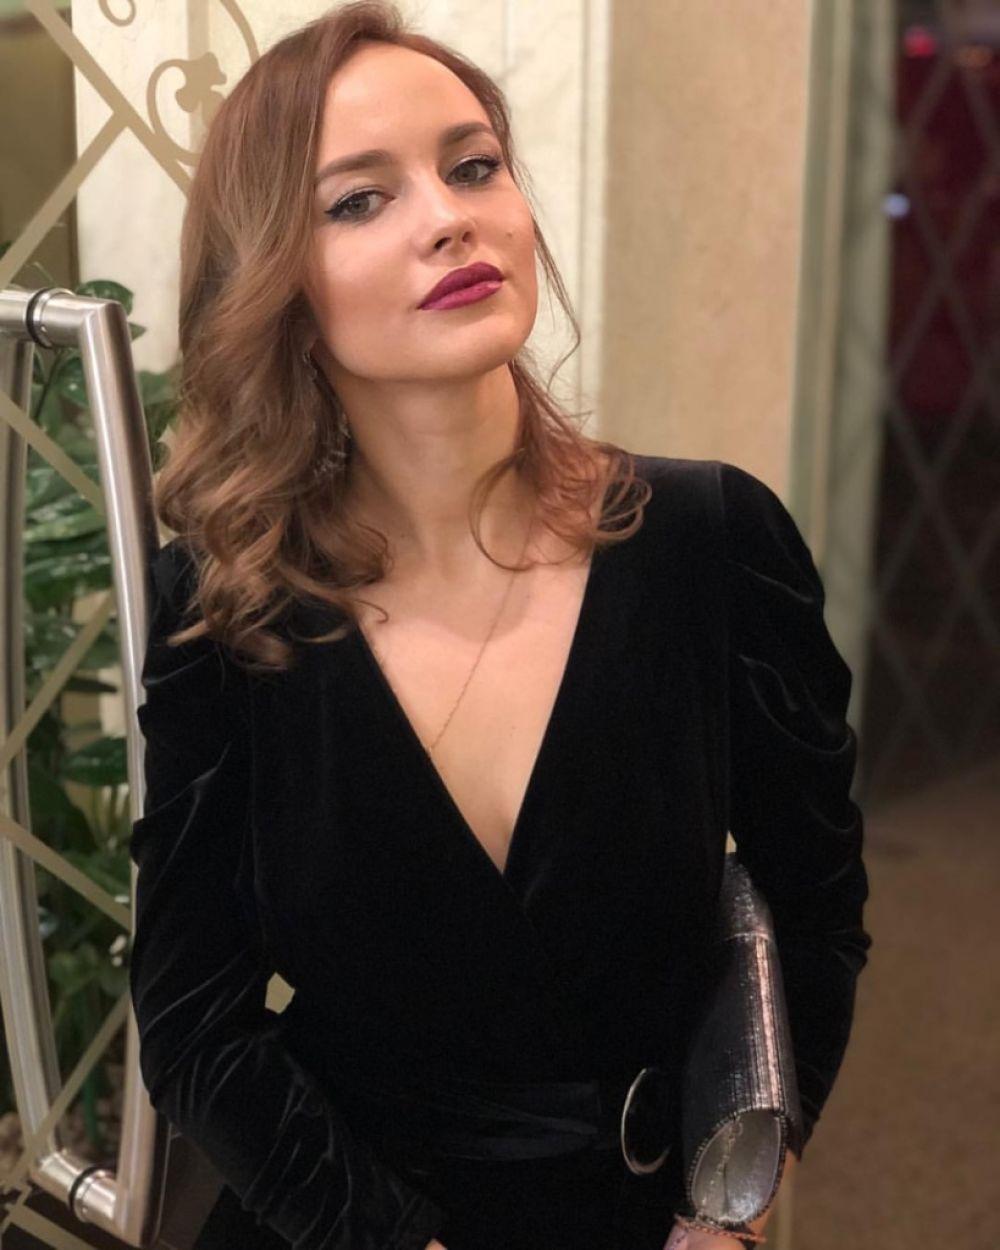 Анастасия Исламова, 25 лет. Премиум-менеджер по работе с VIP-клиентами в «Альфа-банке». Хобби: путешествия.